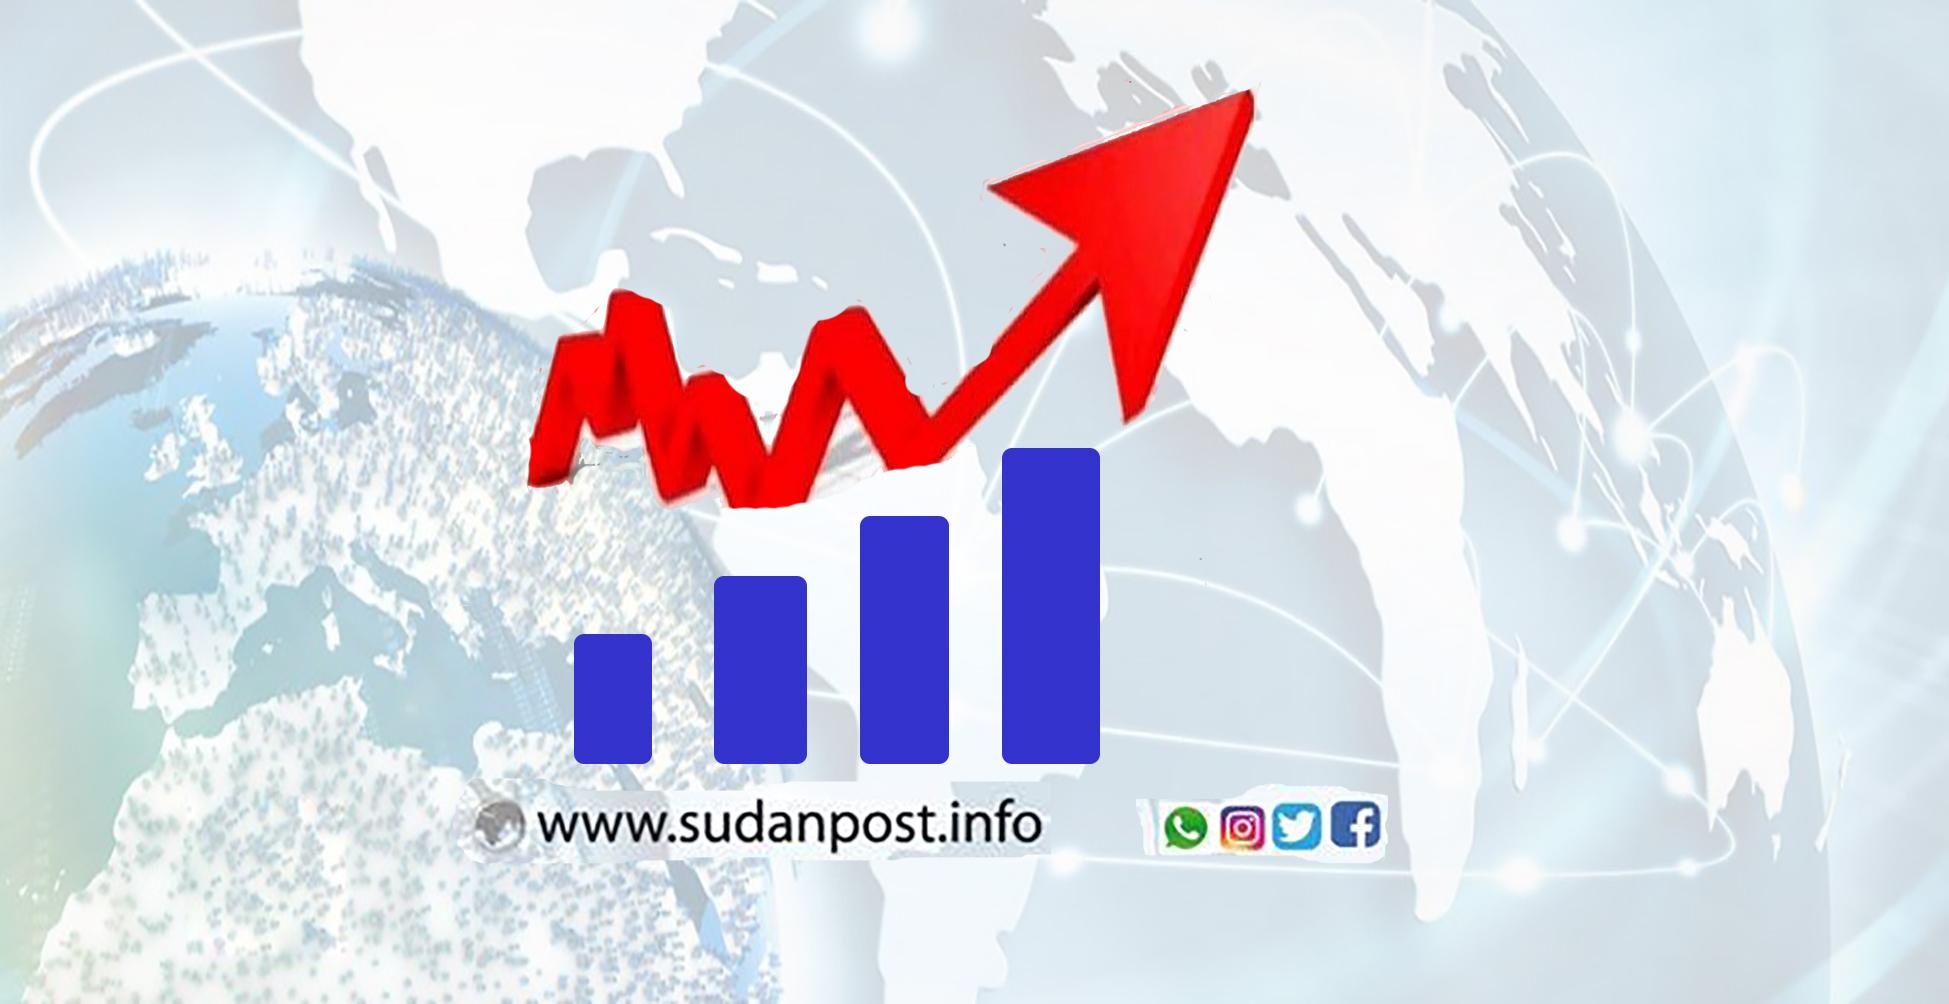 الرمادي: معدل التضخم بلغ 120% ومضاعفة الاجور تقود لجشع التجار